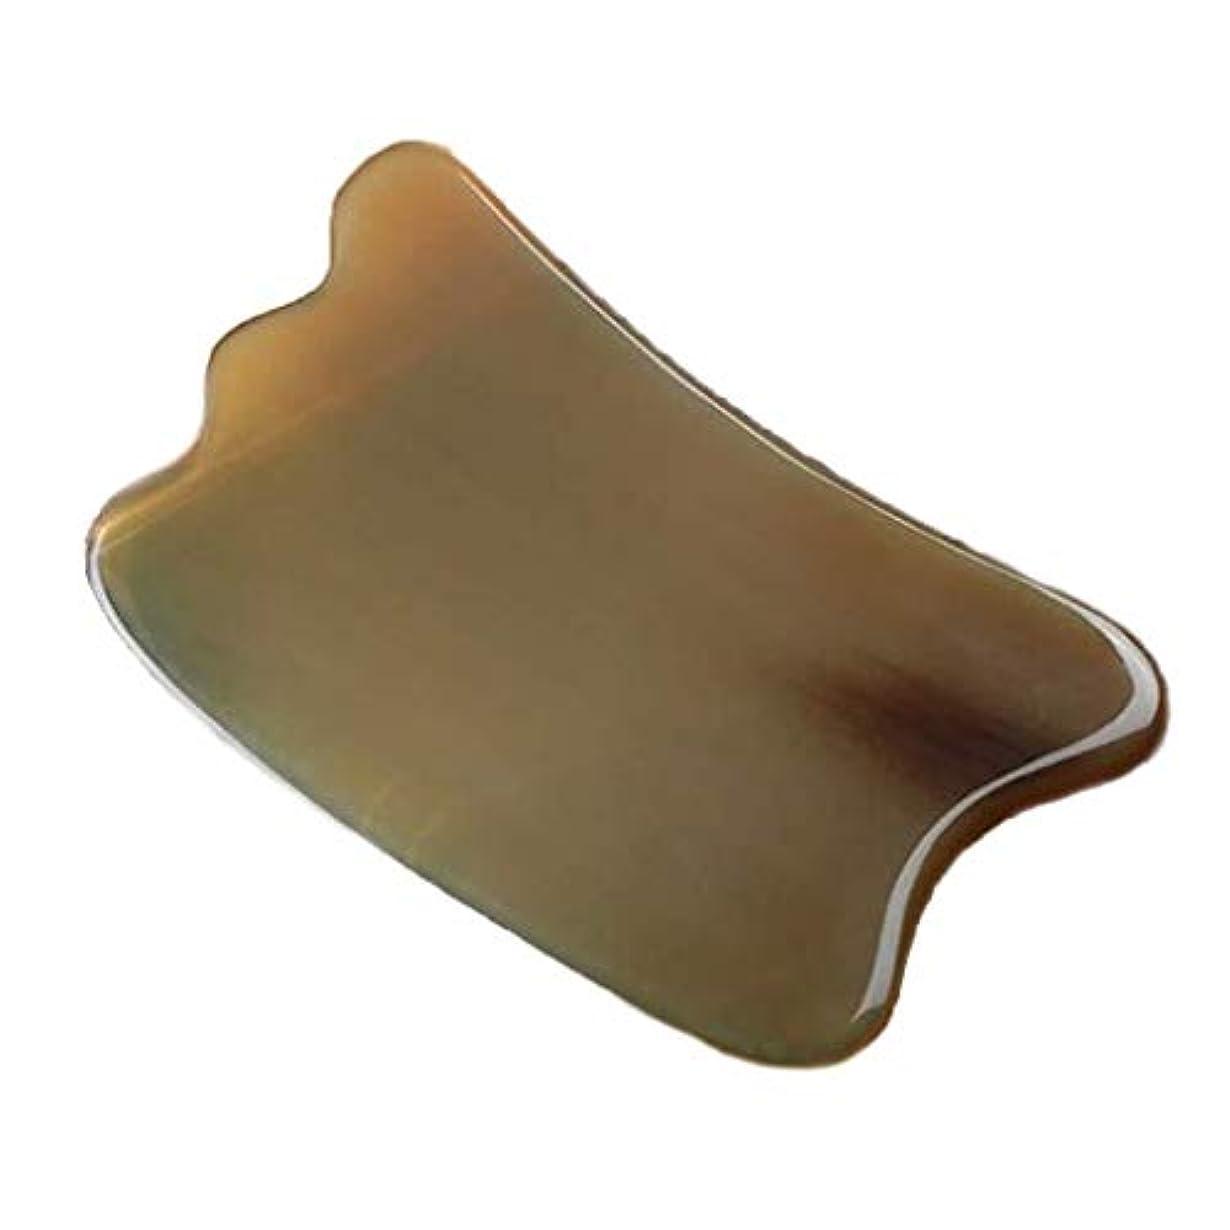 ラインナップ中世のシエスタホーンスクレイピングボードグアシャスクレイピングマッサージツールナチュラルスクレイピングボードアイフェイシャルマッサージ